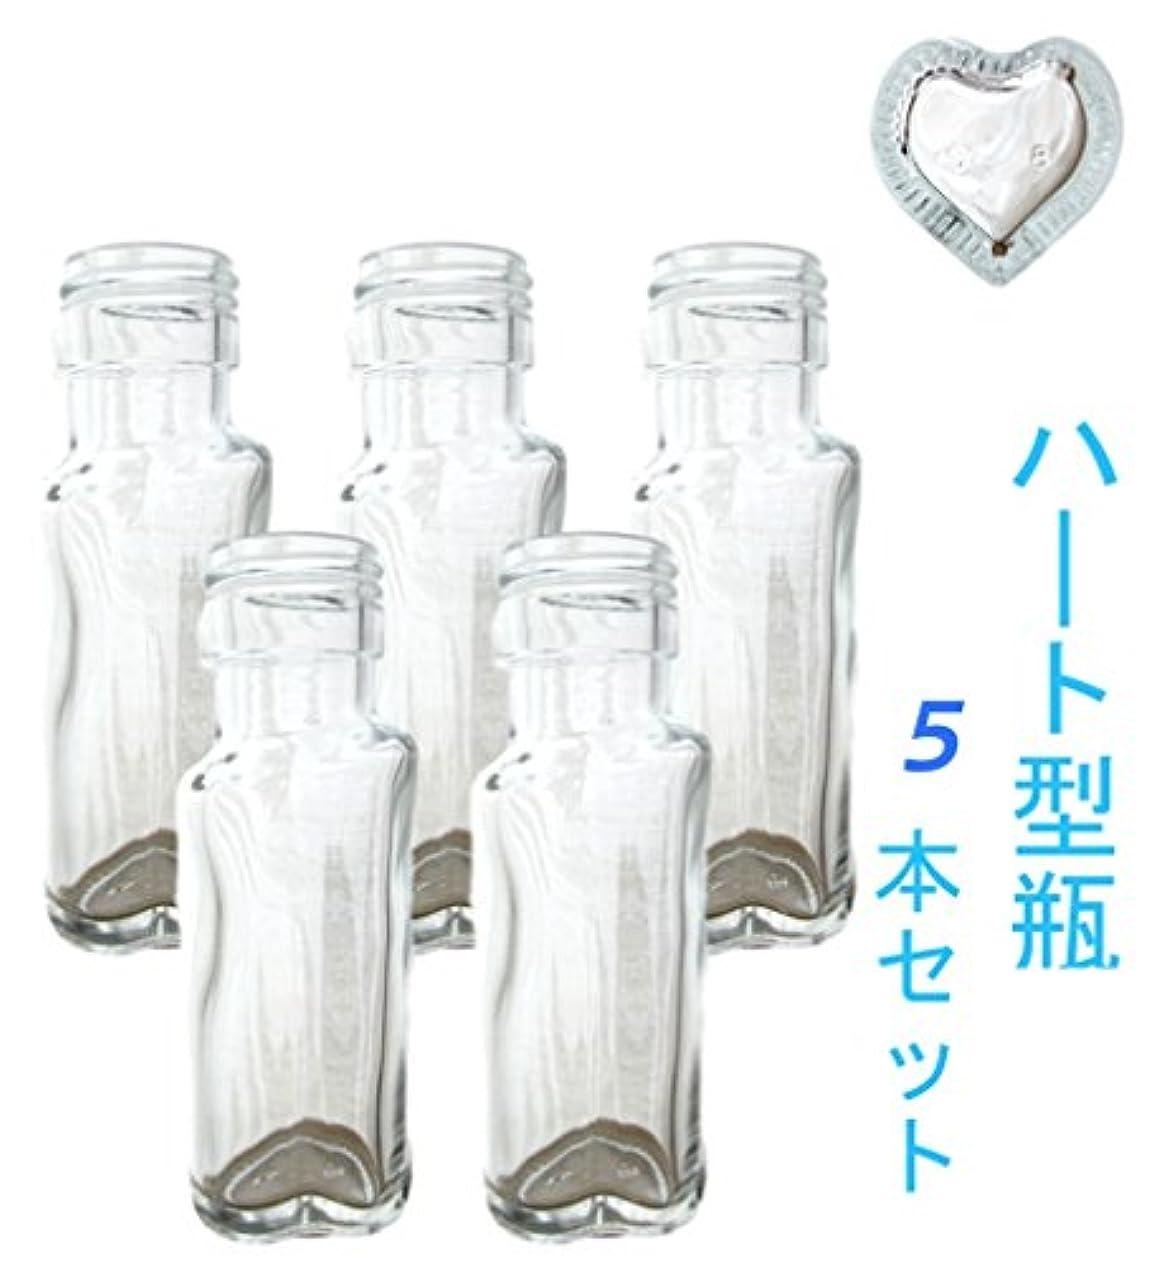 送料時間プロテスタント(ジャストユーズ) JustU's 日本製 ポリ栓 中栓付きハート型ガラス瓶 5本セット 50cc 50ml アロマデュフューザー ハーバリウム 調味料 オイル タレ ドレッシング瓶 B5-SSH50A-KAS